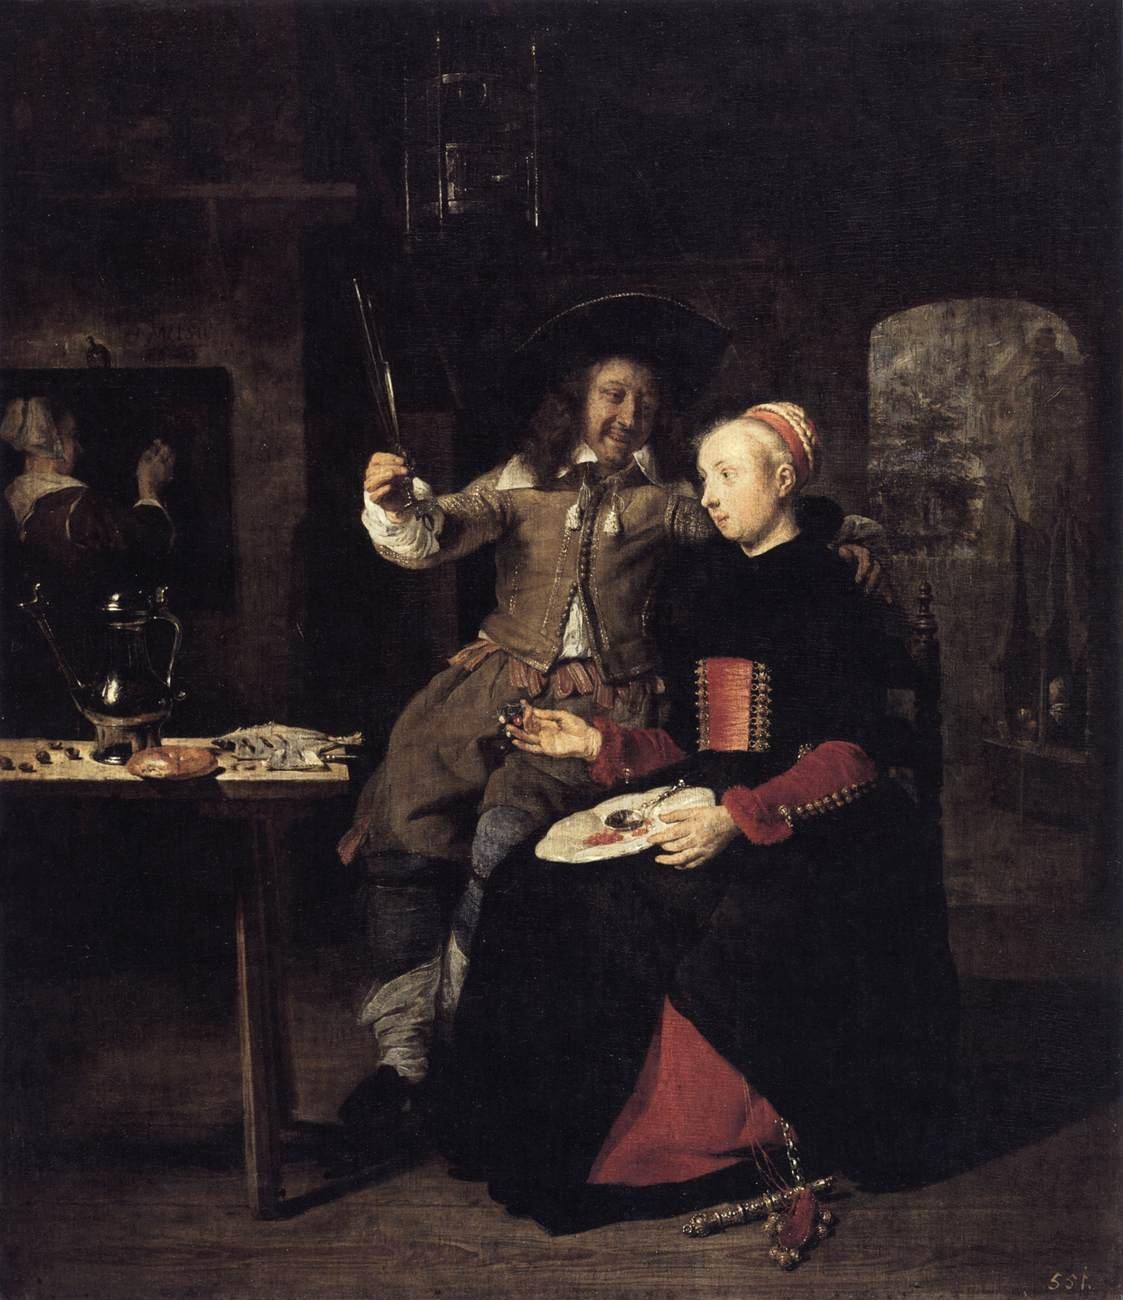 Gabriël Metsu Zxzportrait-of-the-artist-with-his-wife-isabella-de-wolff-in-a-tavern-by-gabriel-metsu-1661